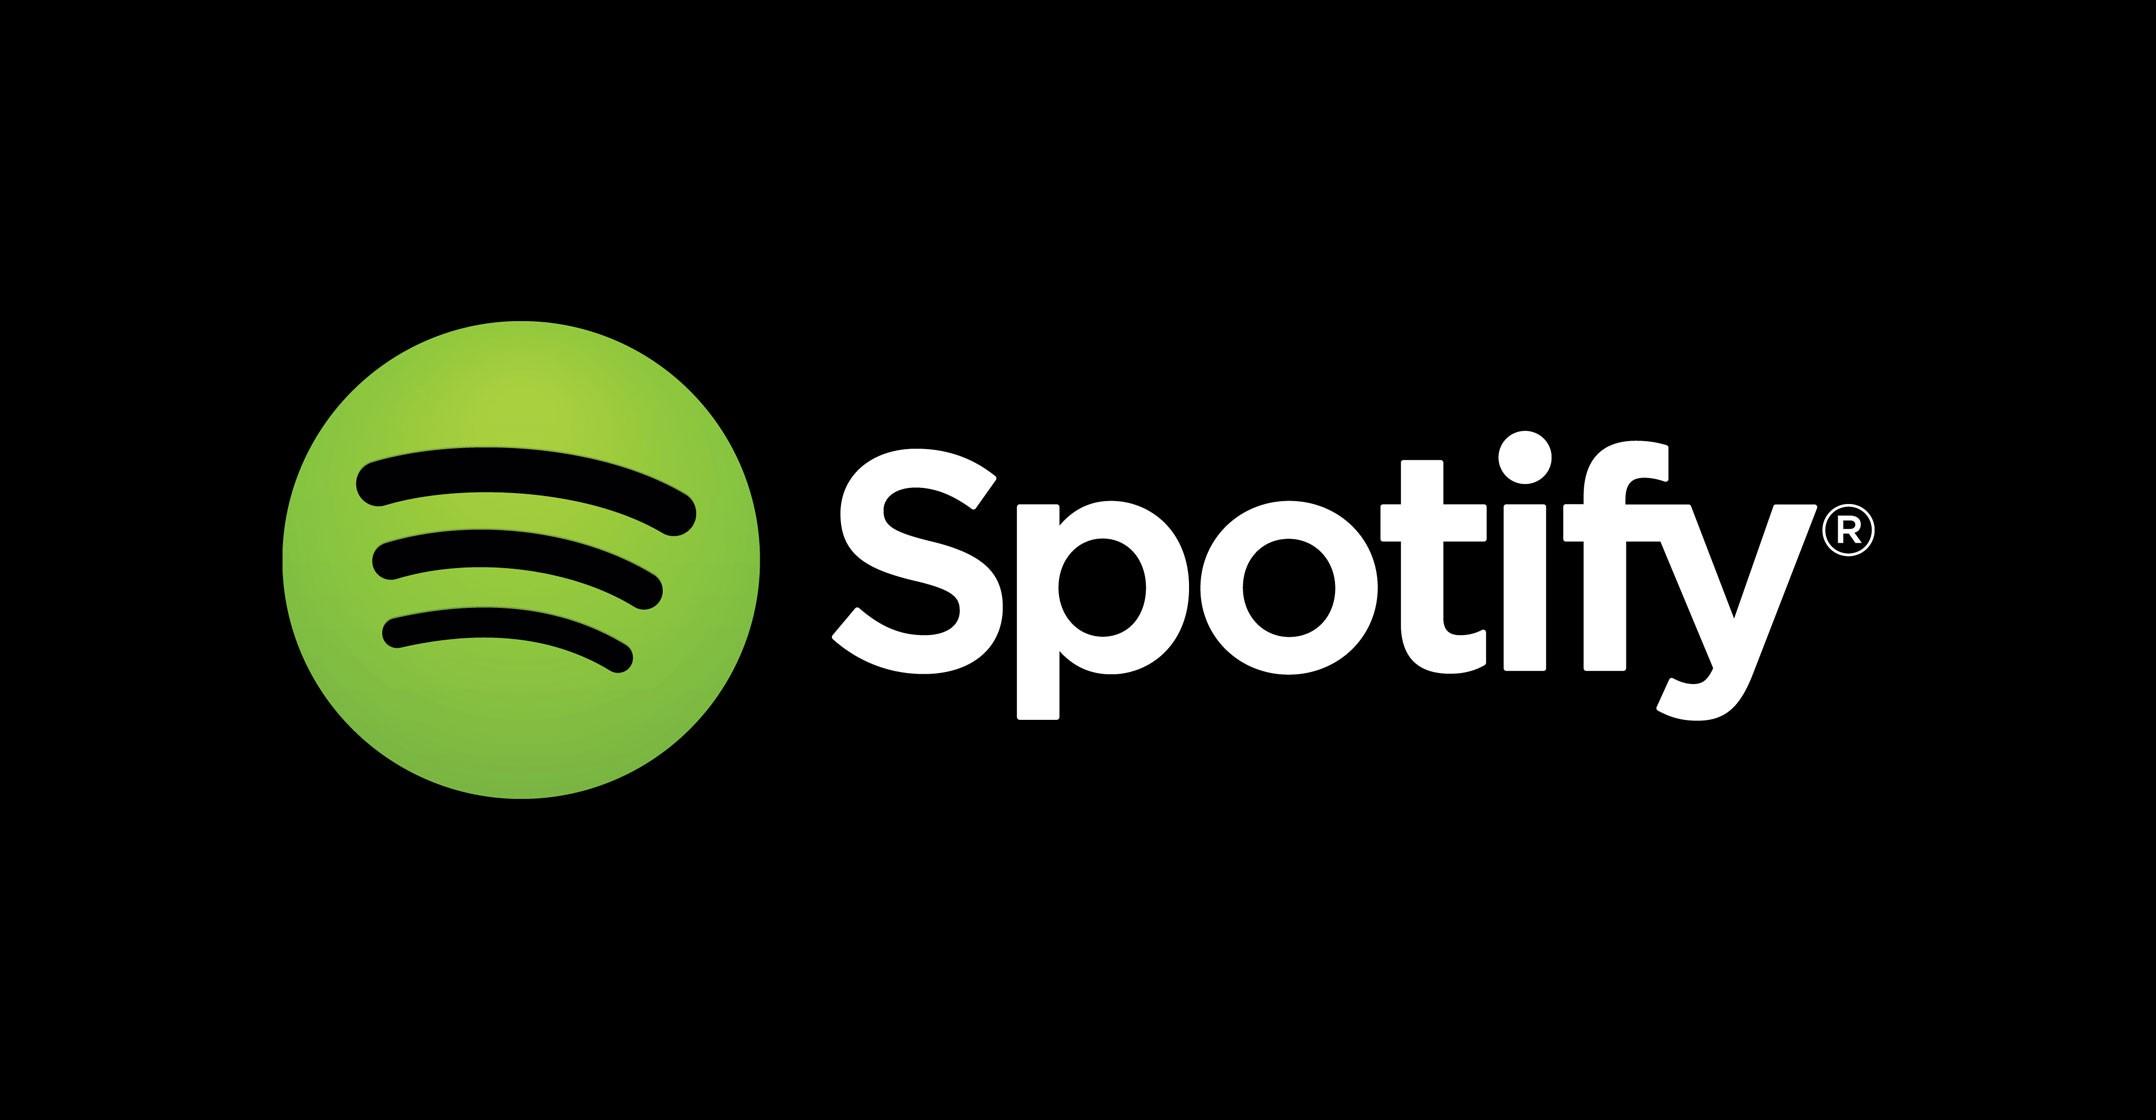 เมื่อ แอพพลิเคชั่น Spotify ได้ปล่อยฟีเจอร์สตอรี่ เพื่อเปิดโอกาสให้นักร้องได้เปิดเผยเพลงต่าง ๆ